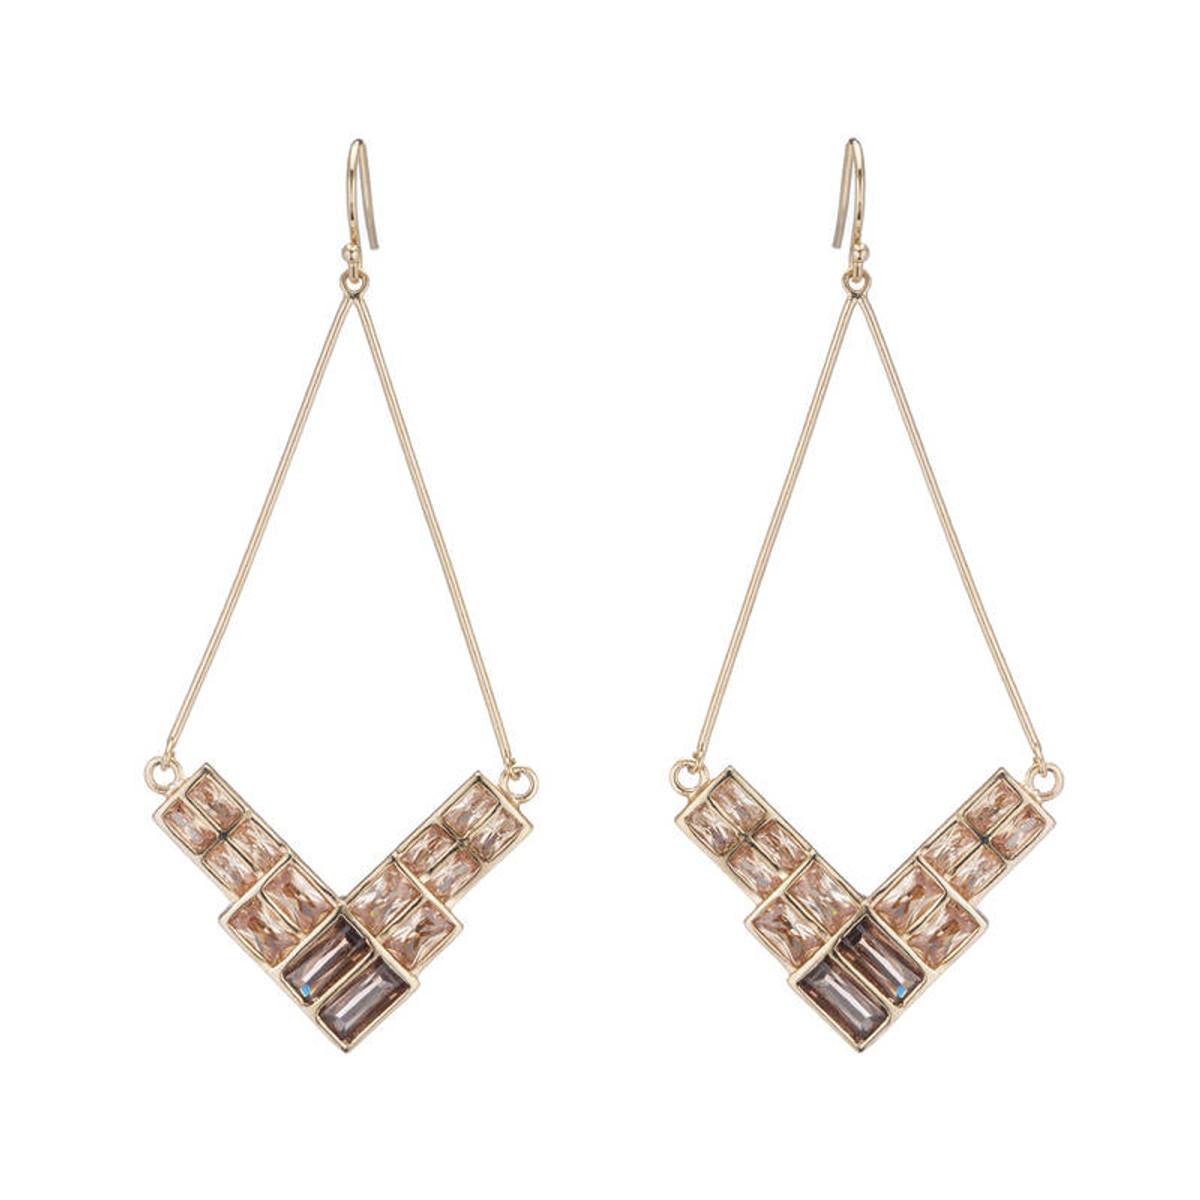 Violette earrings by Marcia Moran Jewelry